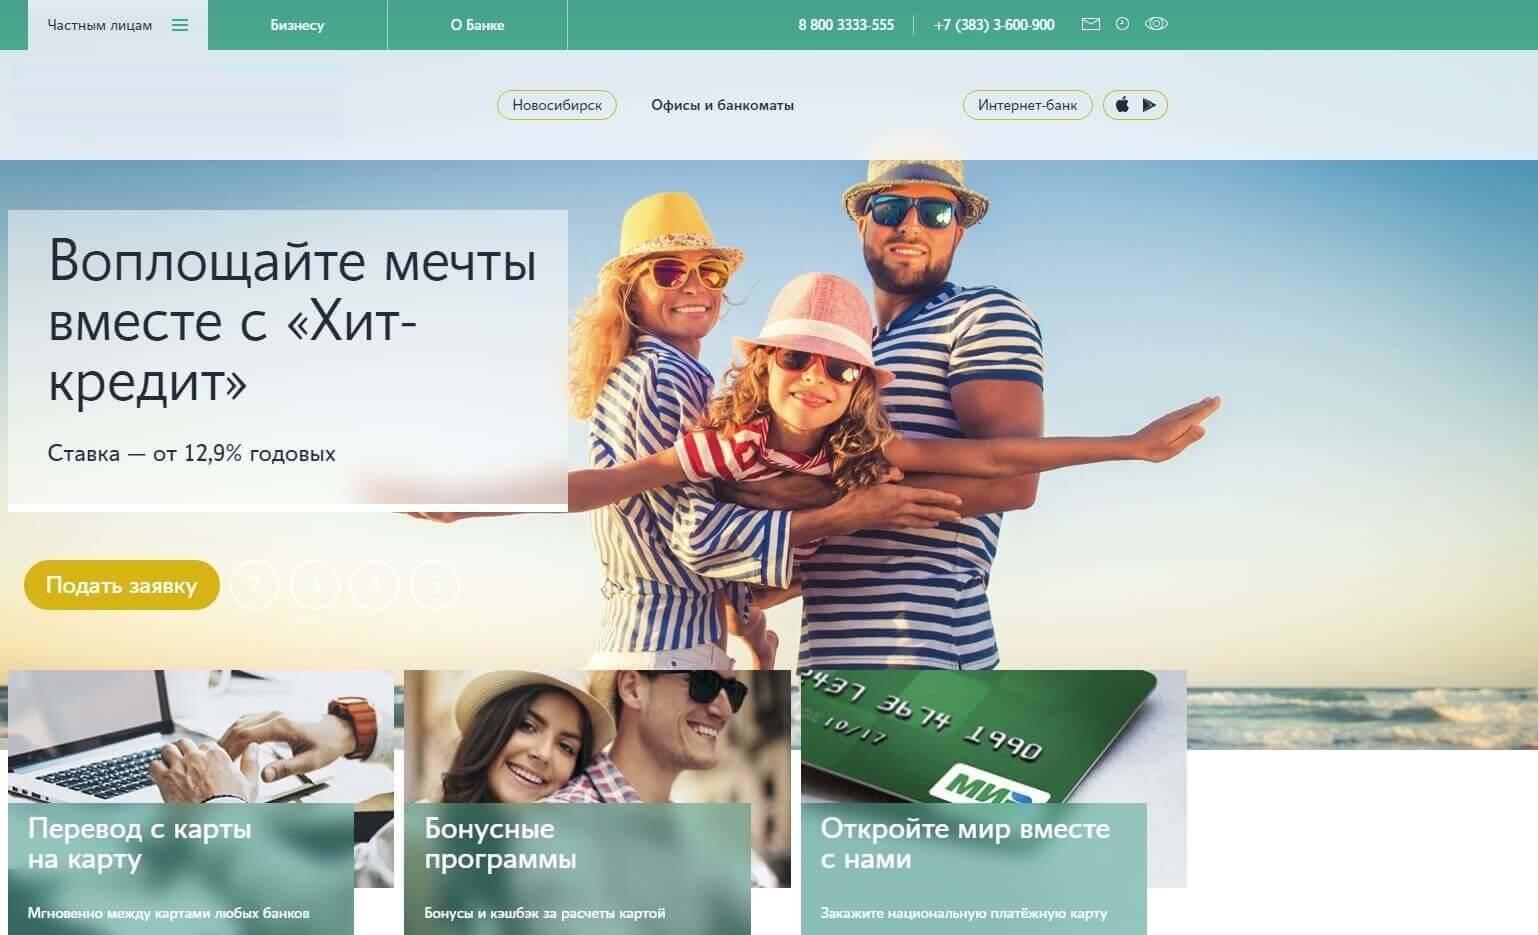 bank-levoberezhniy-1.jpg